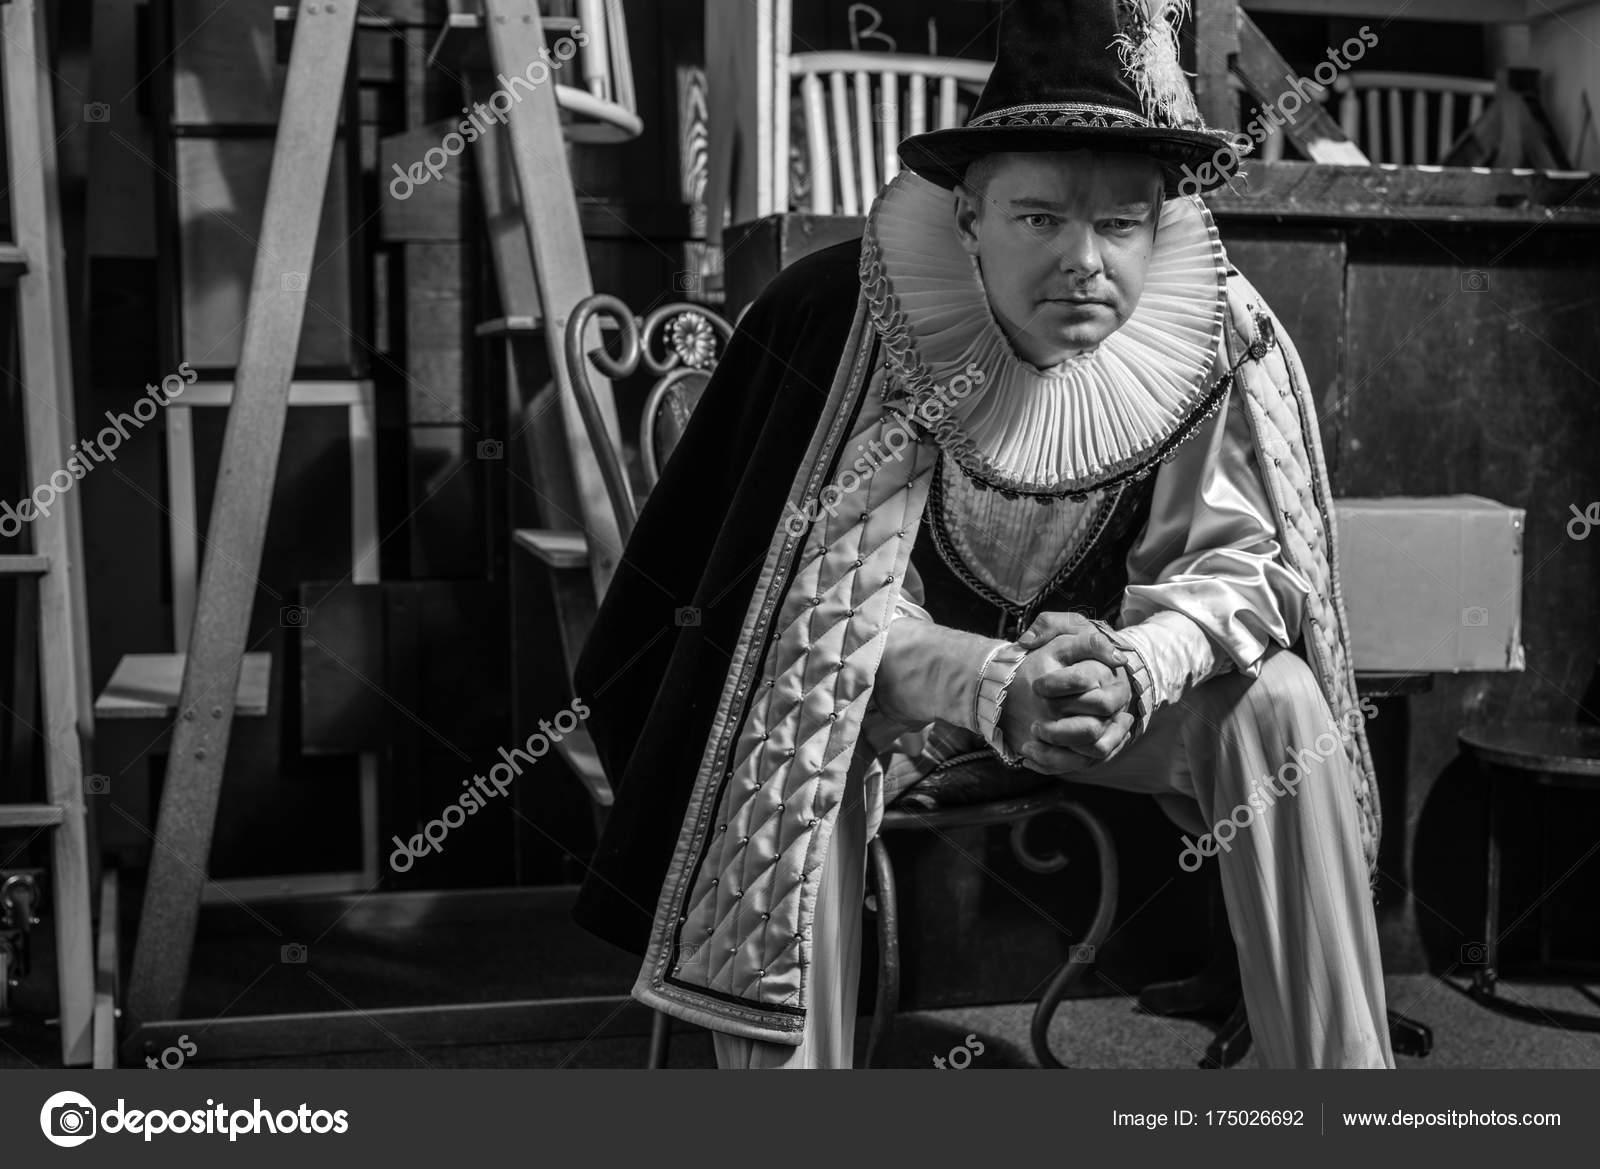 6c0ec504e5d7 Herec oblékl historický kostým v interiéru starého divadla. Černobílý  portrét– stock obrázky